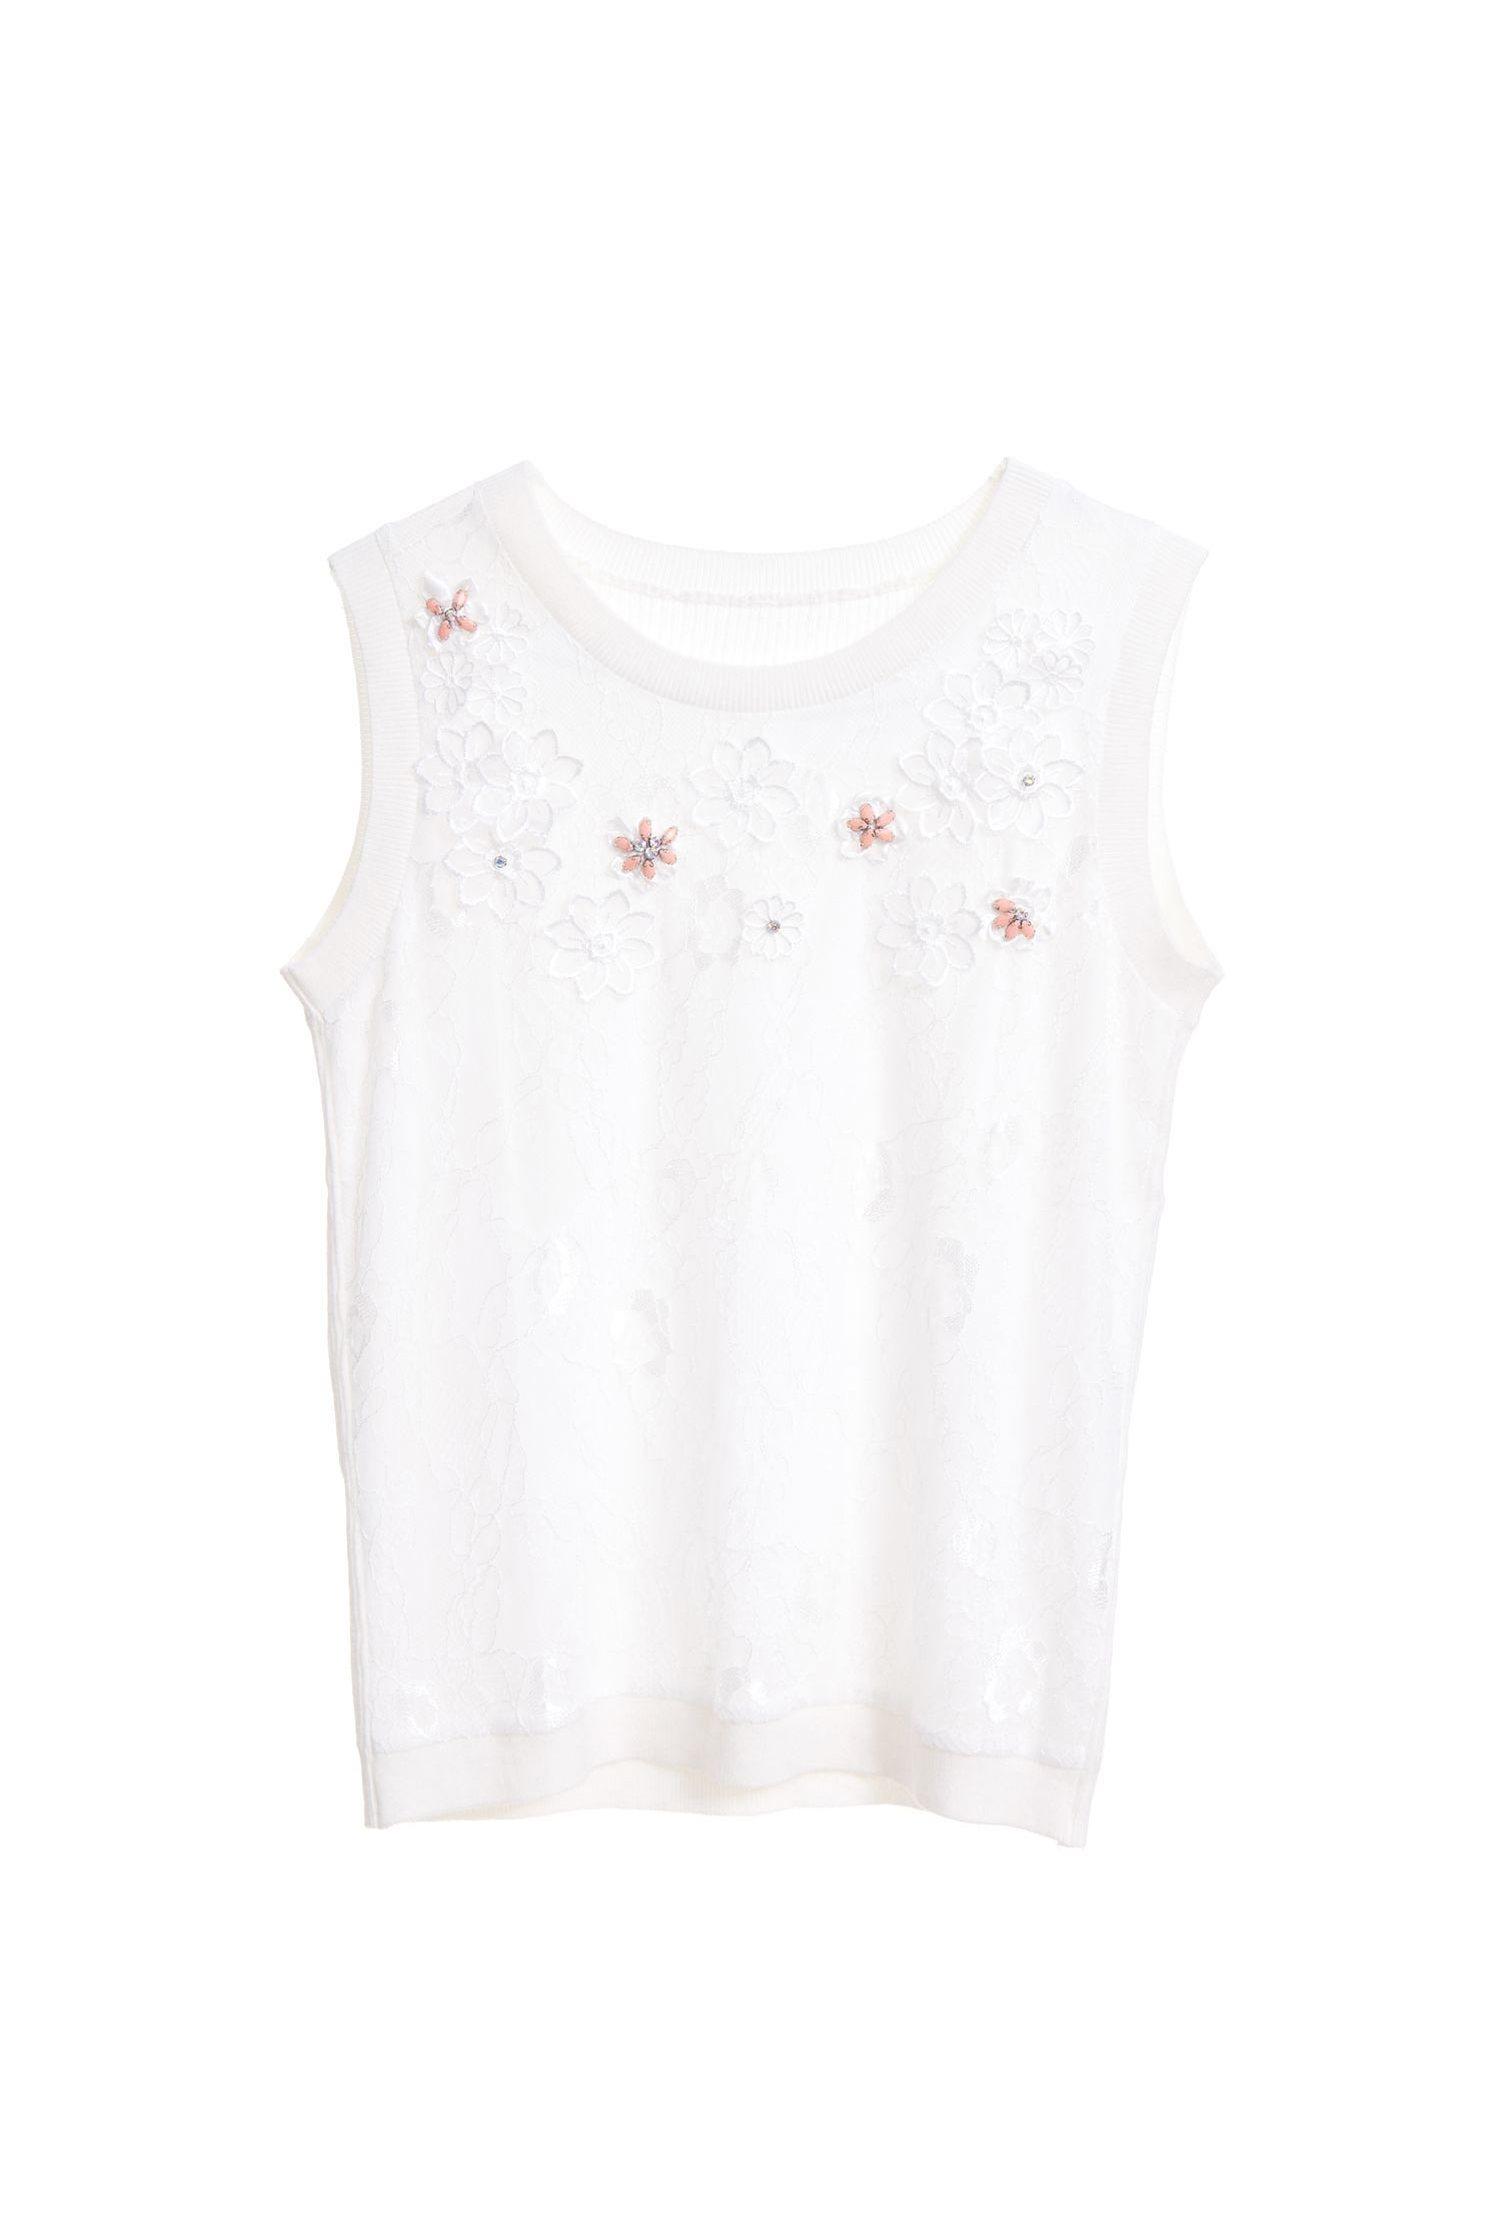 Elegantly carved fashion vest,singlet,embroidery,vest,whitevest,embroidered,vest,lace,lacevest,knitting,knittedvest,girlfriendsspringtour